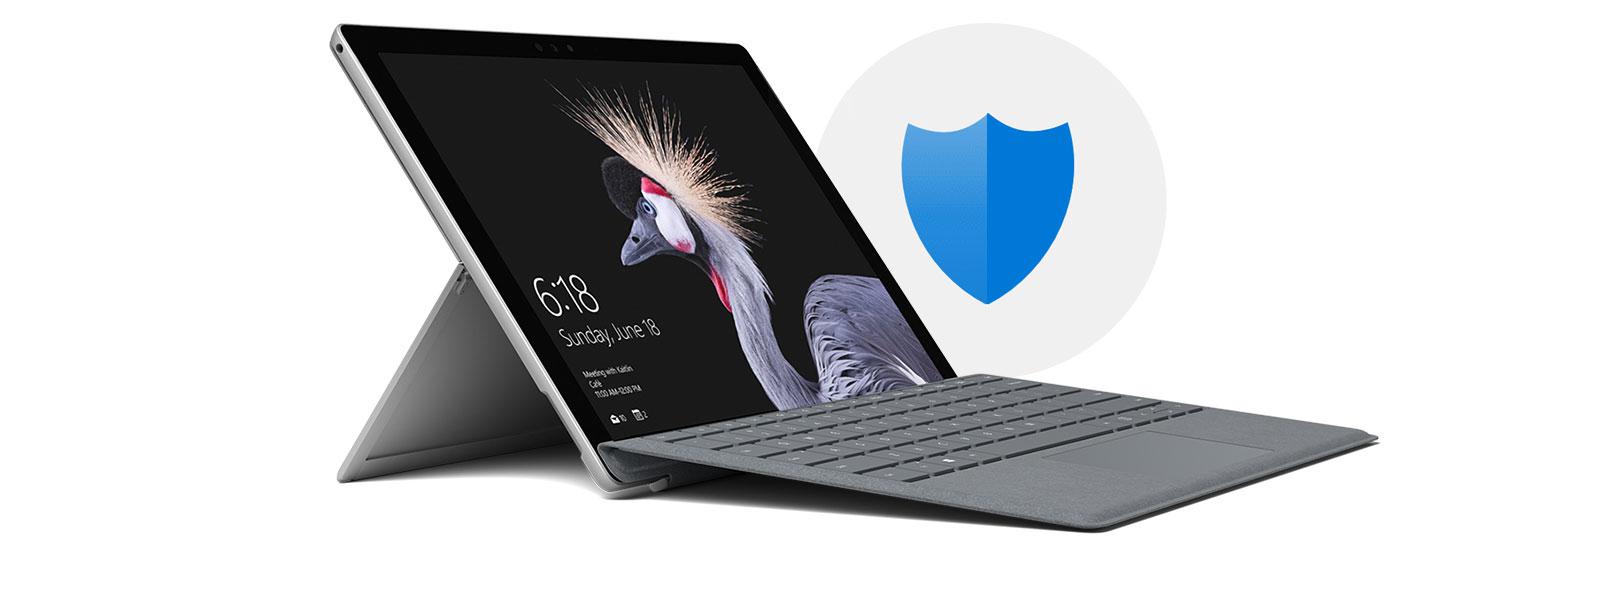 Surface Pro en mode ordinateur portable avec écran de démarrage, vue du côté droit et une icône de protection de la sécurité en arrière-plan.